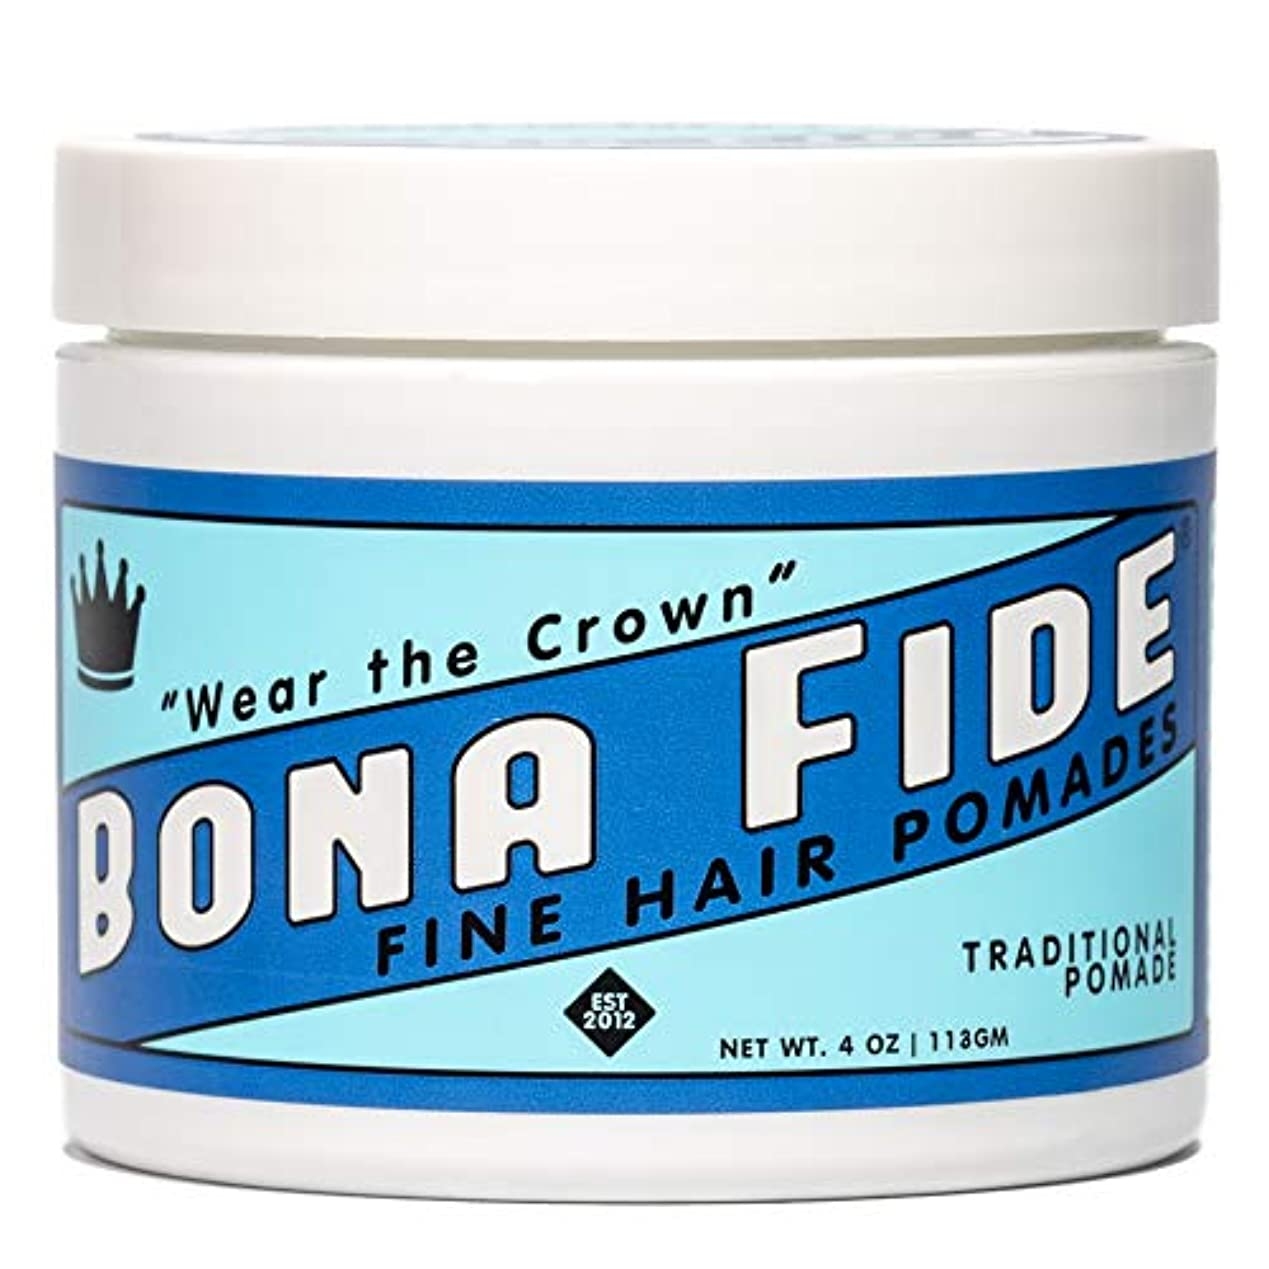 徹底満足できる沈黙Bona Fide Pomade, トラディショナルポマード, TRADITIONAL POMADE, 4oz (113g)、オイルベースポマード (整髪料/ヘアー スタイリング剤)